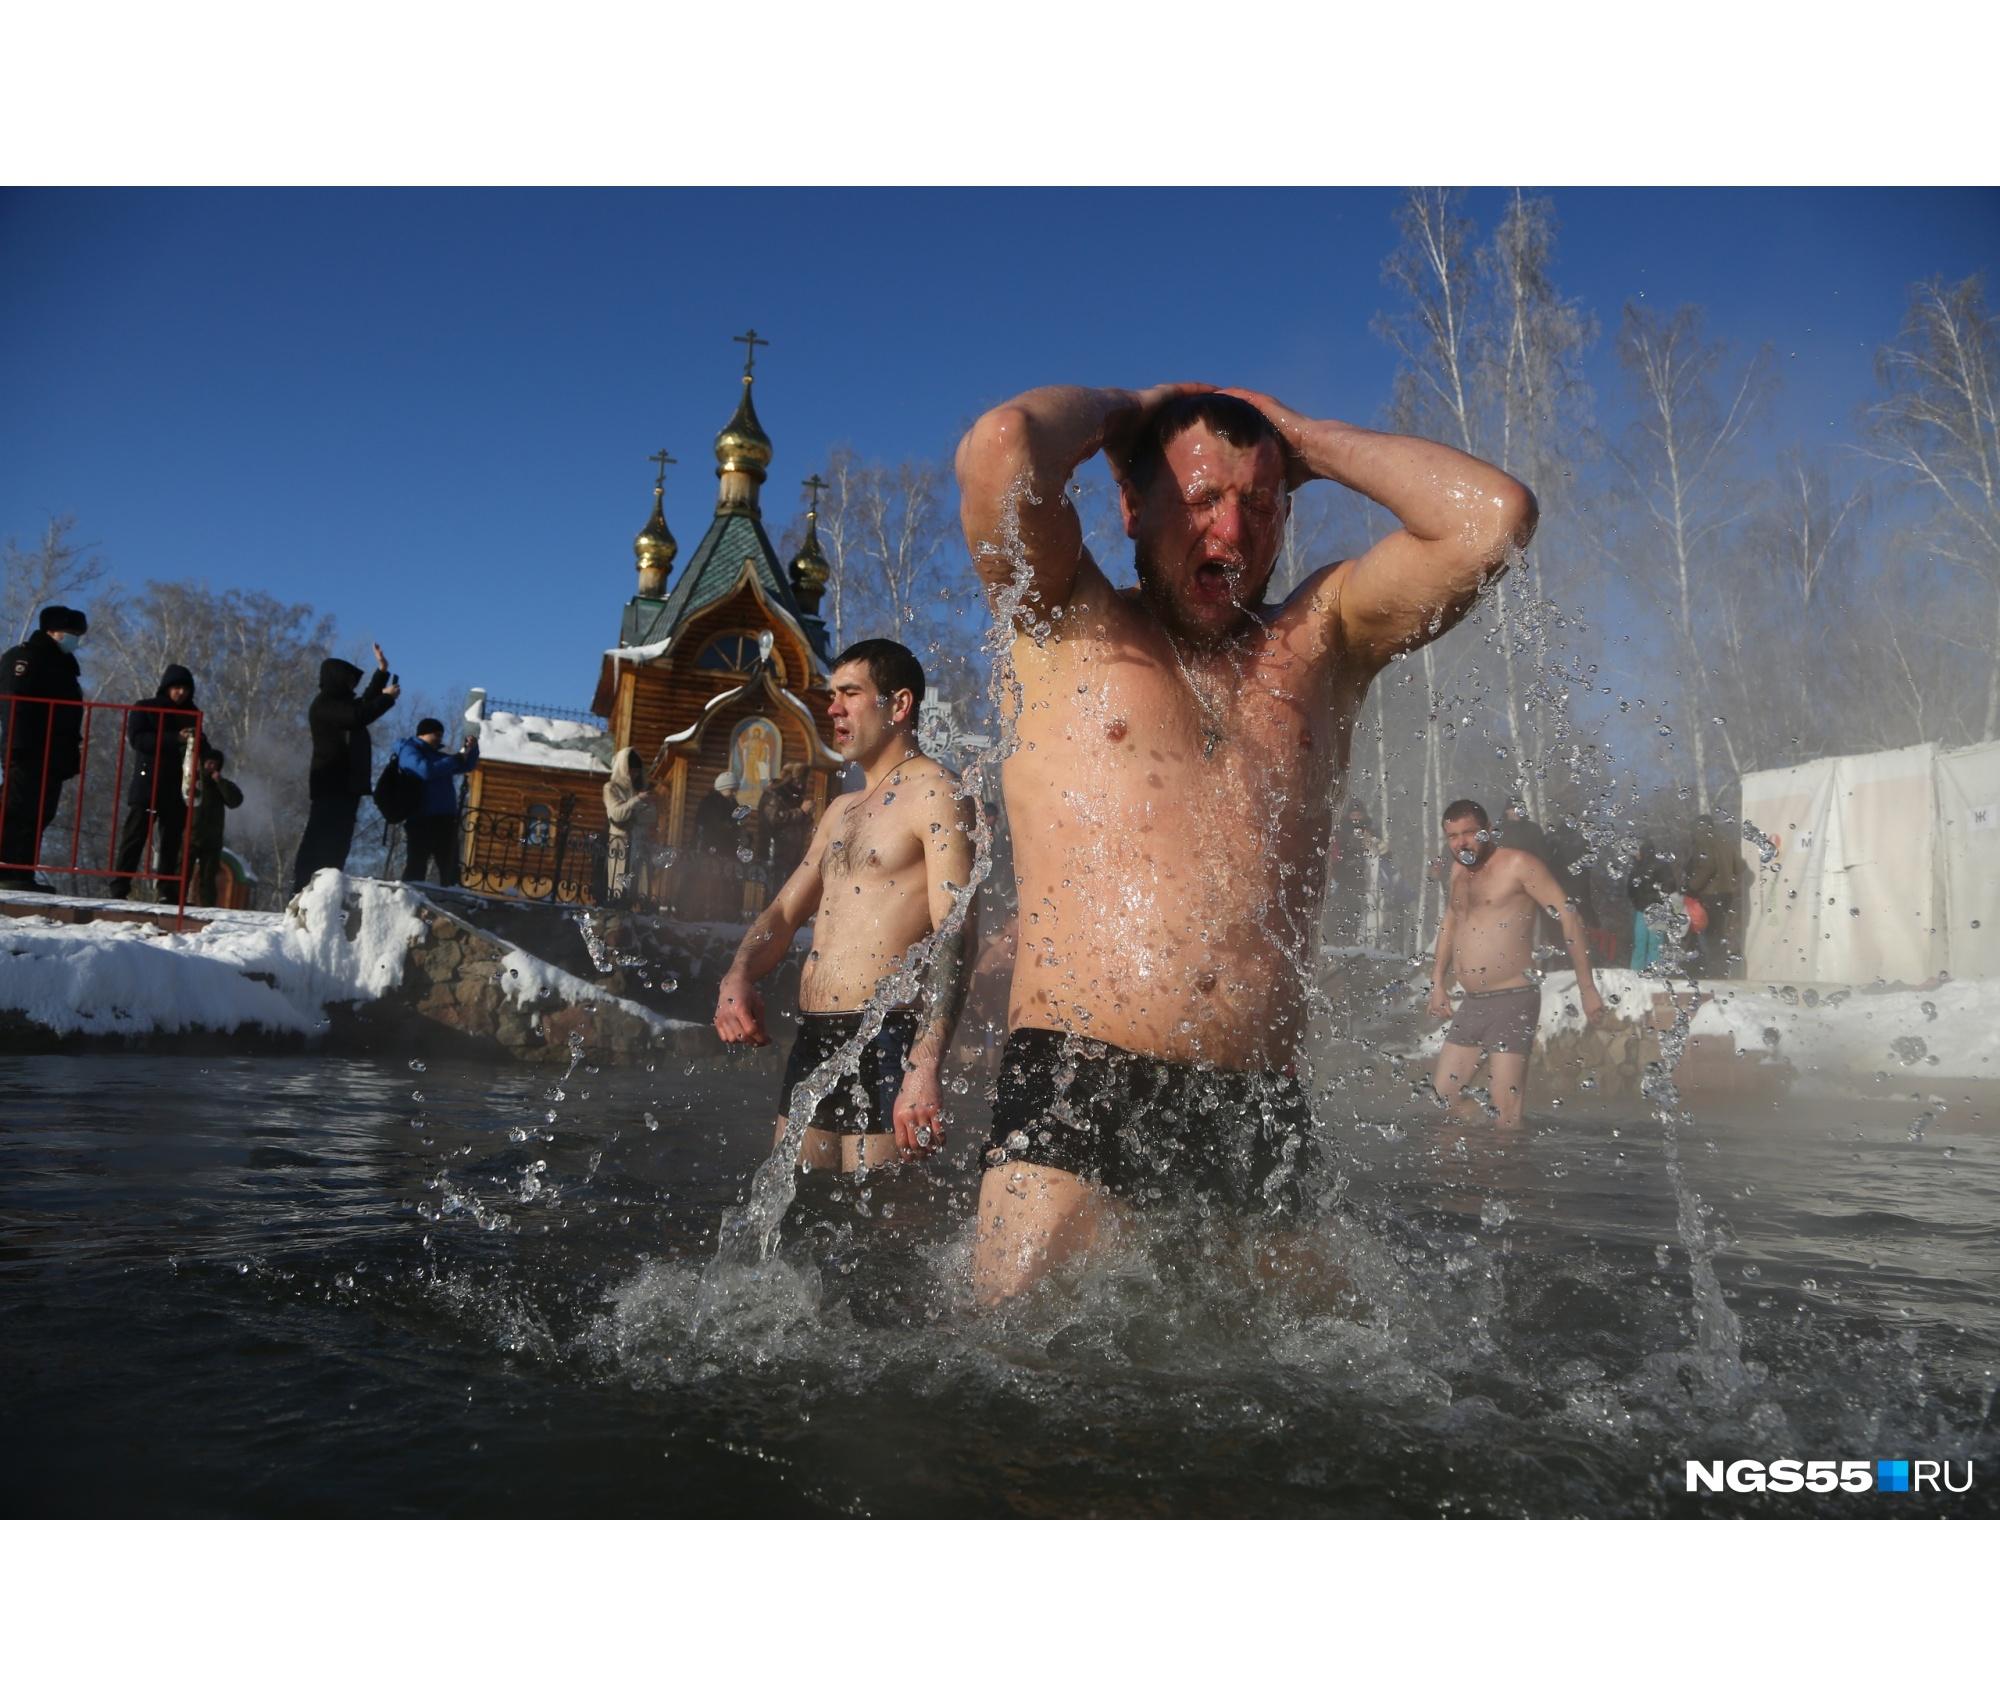 Когда снаружи -25 градусов, оказаться в теплой воде очень радостно